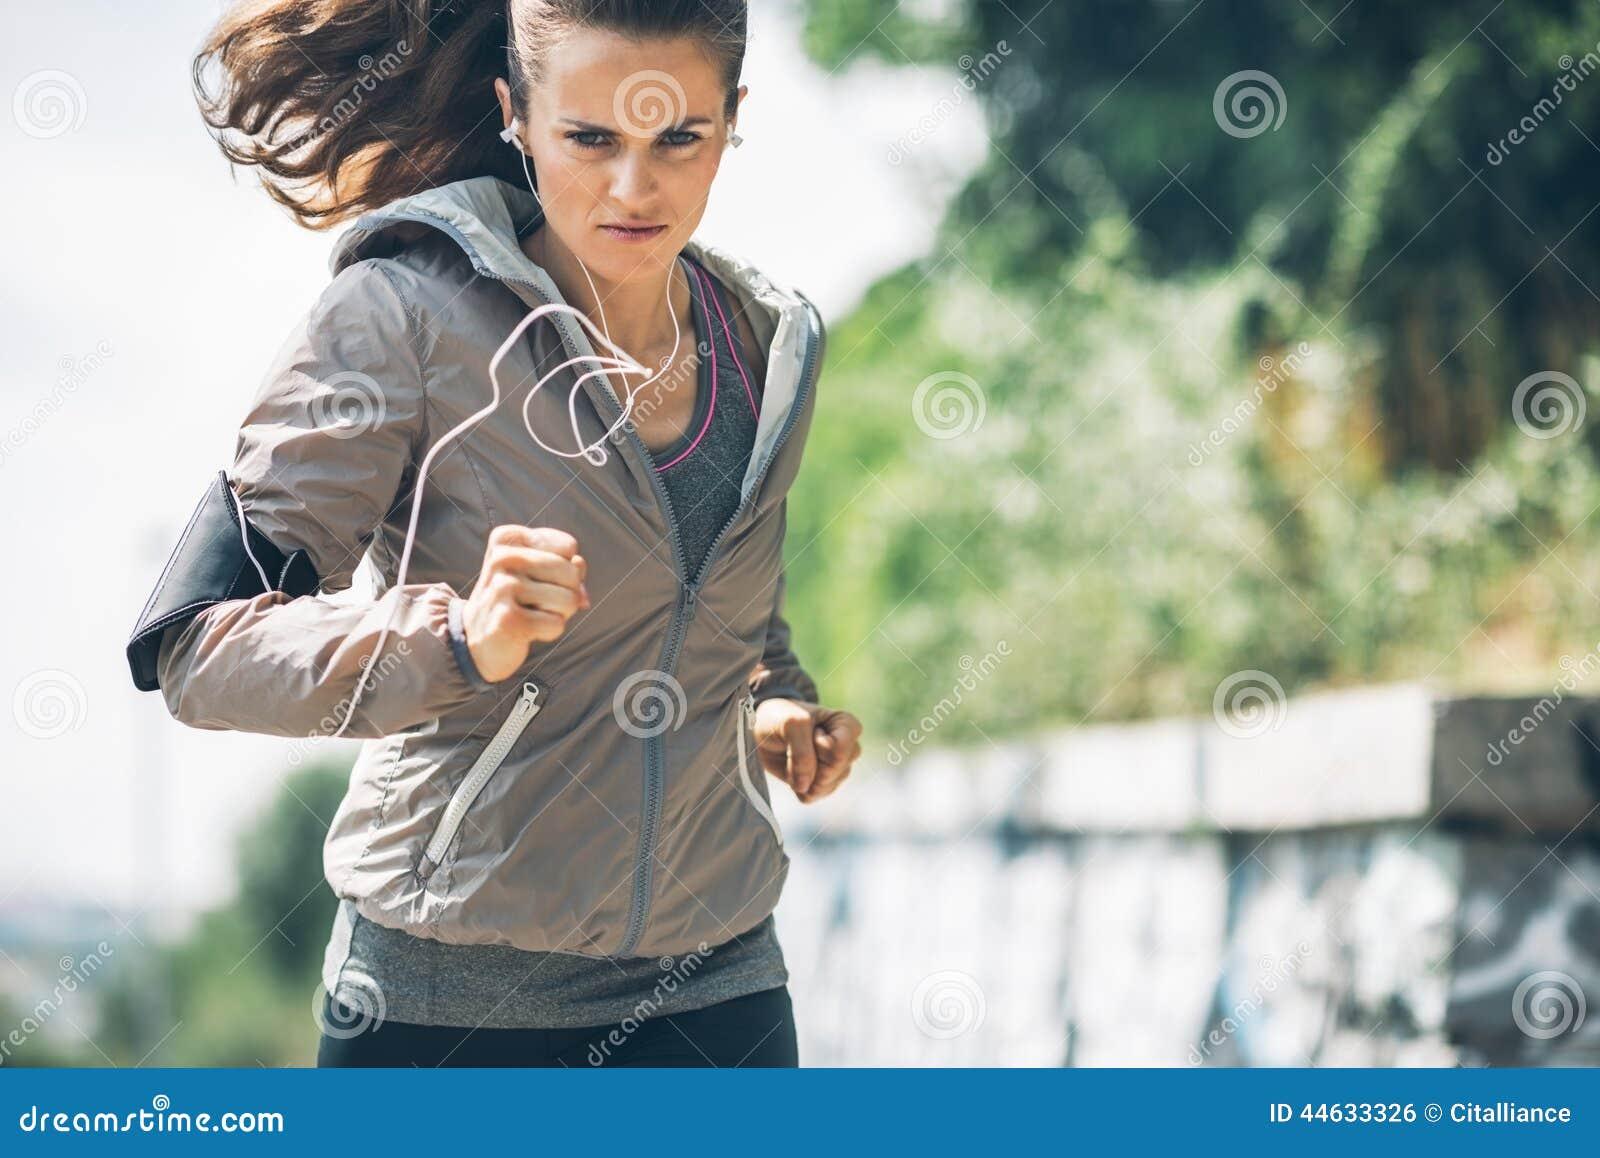 Sprawności fizycznej młoda kobieta jogging w miasto parku